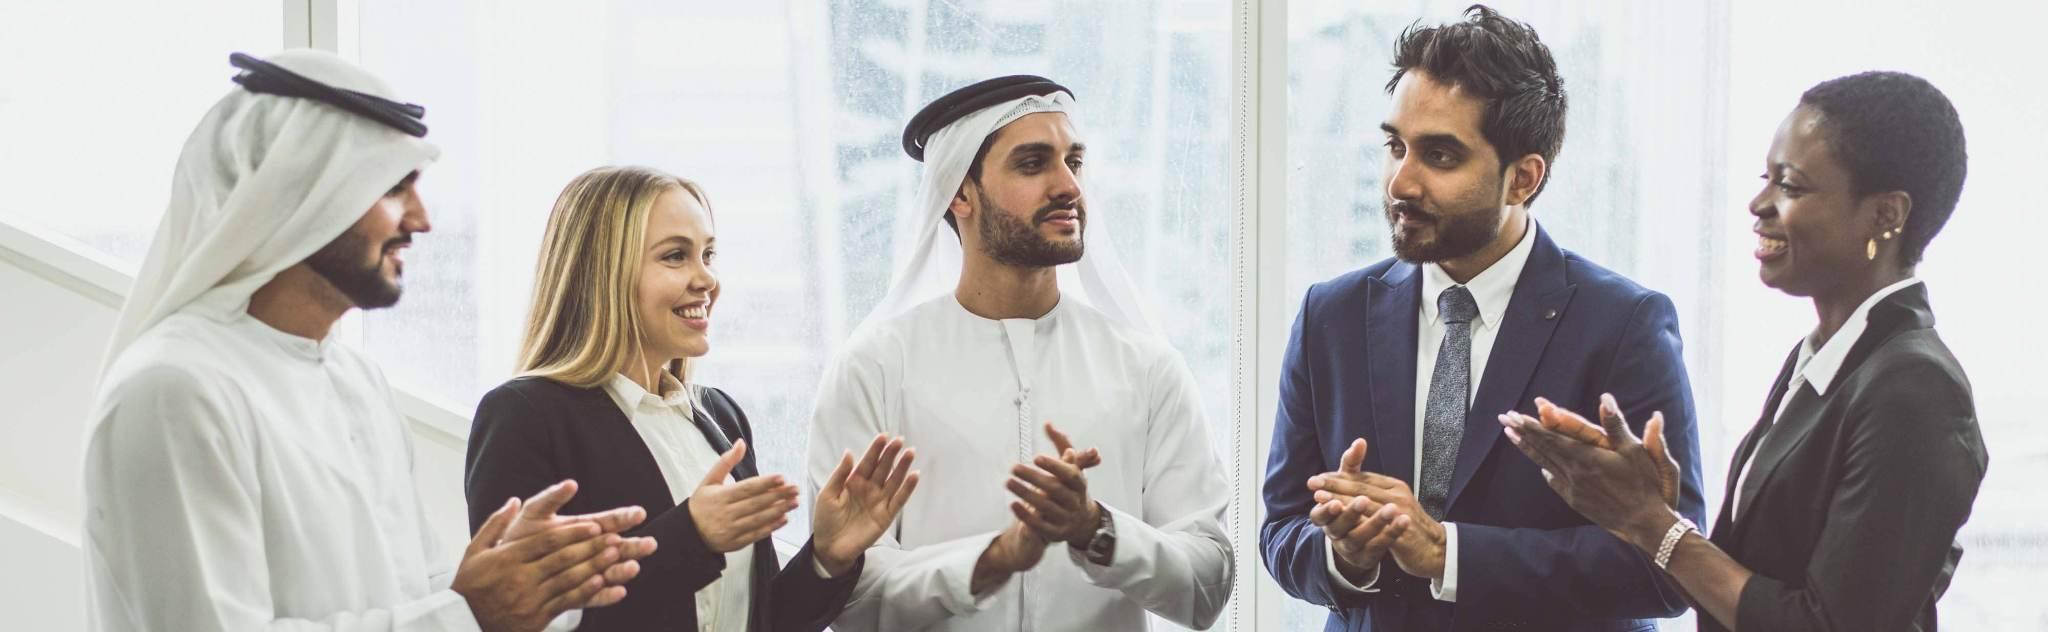 curso de protocolo de negocios en paises arabes